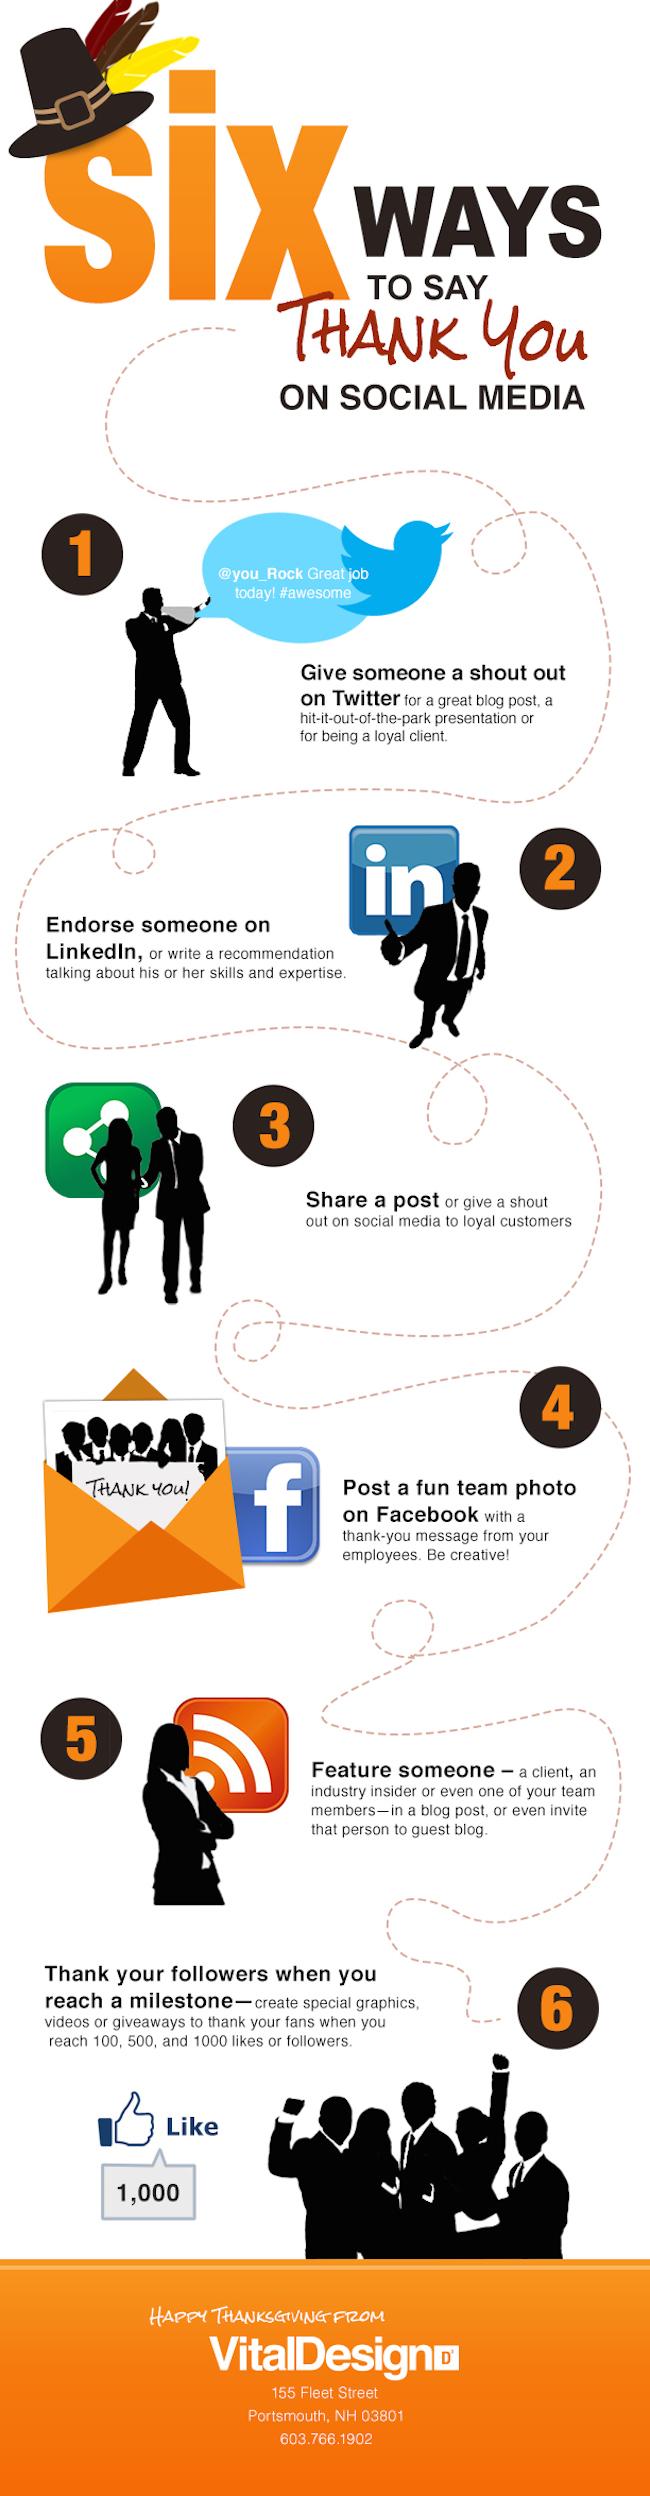 remercier-client-réseaux-sociaux-social-media